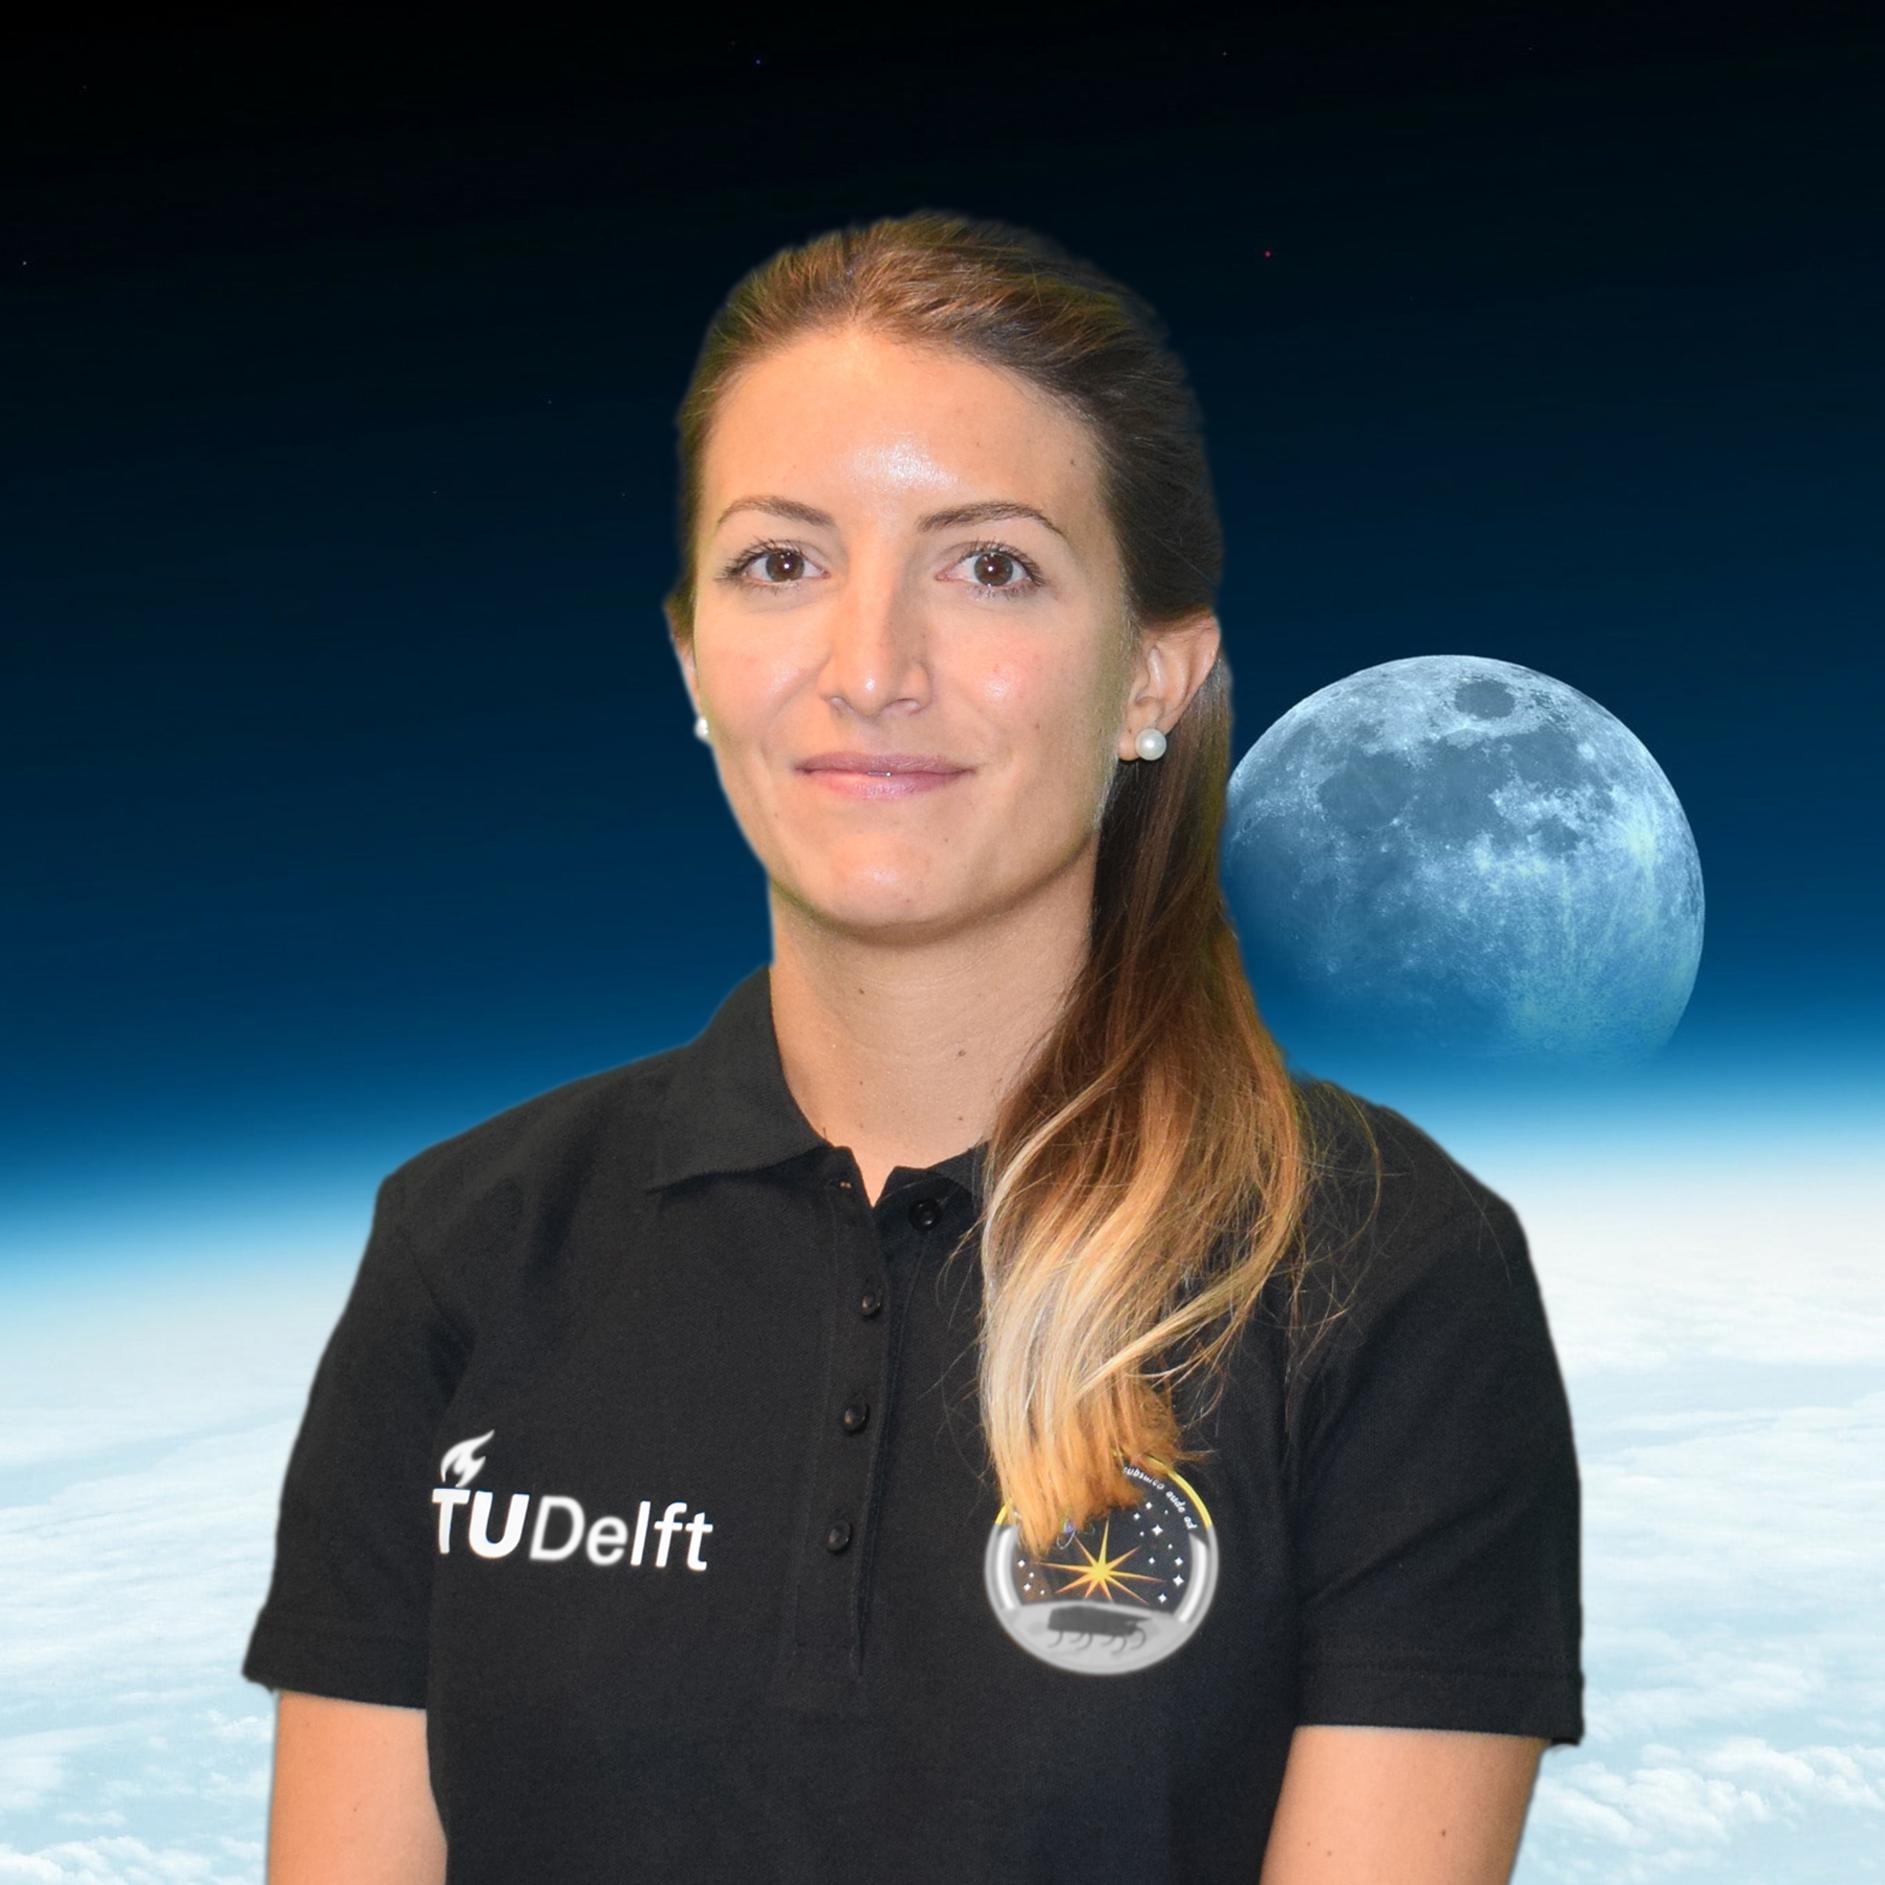 Mariana Piña Lunar Zebro IGLUNA analogue